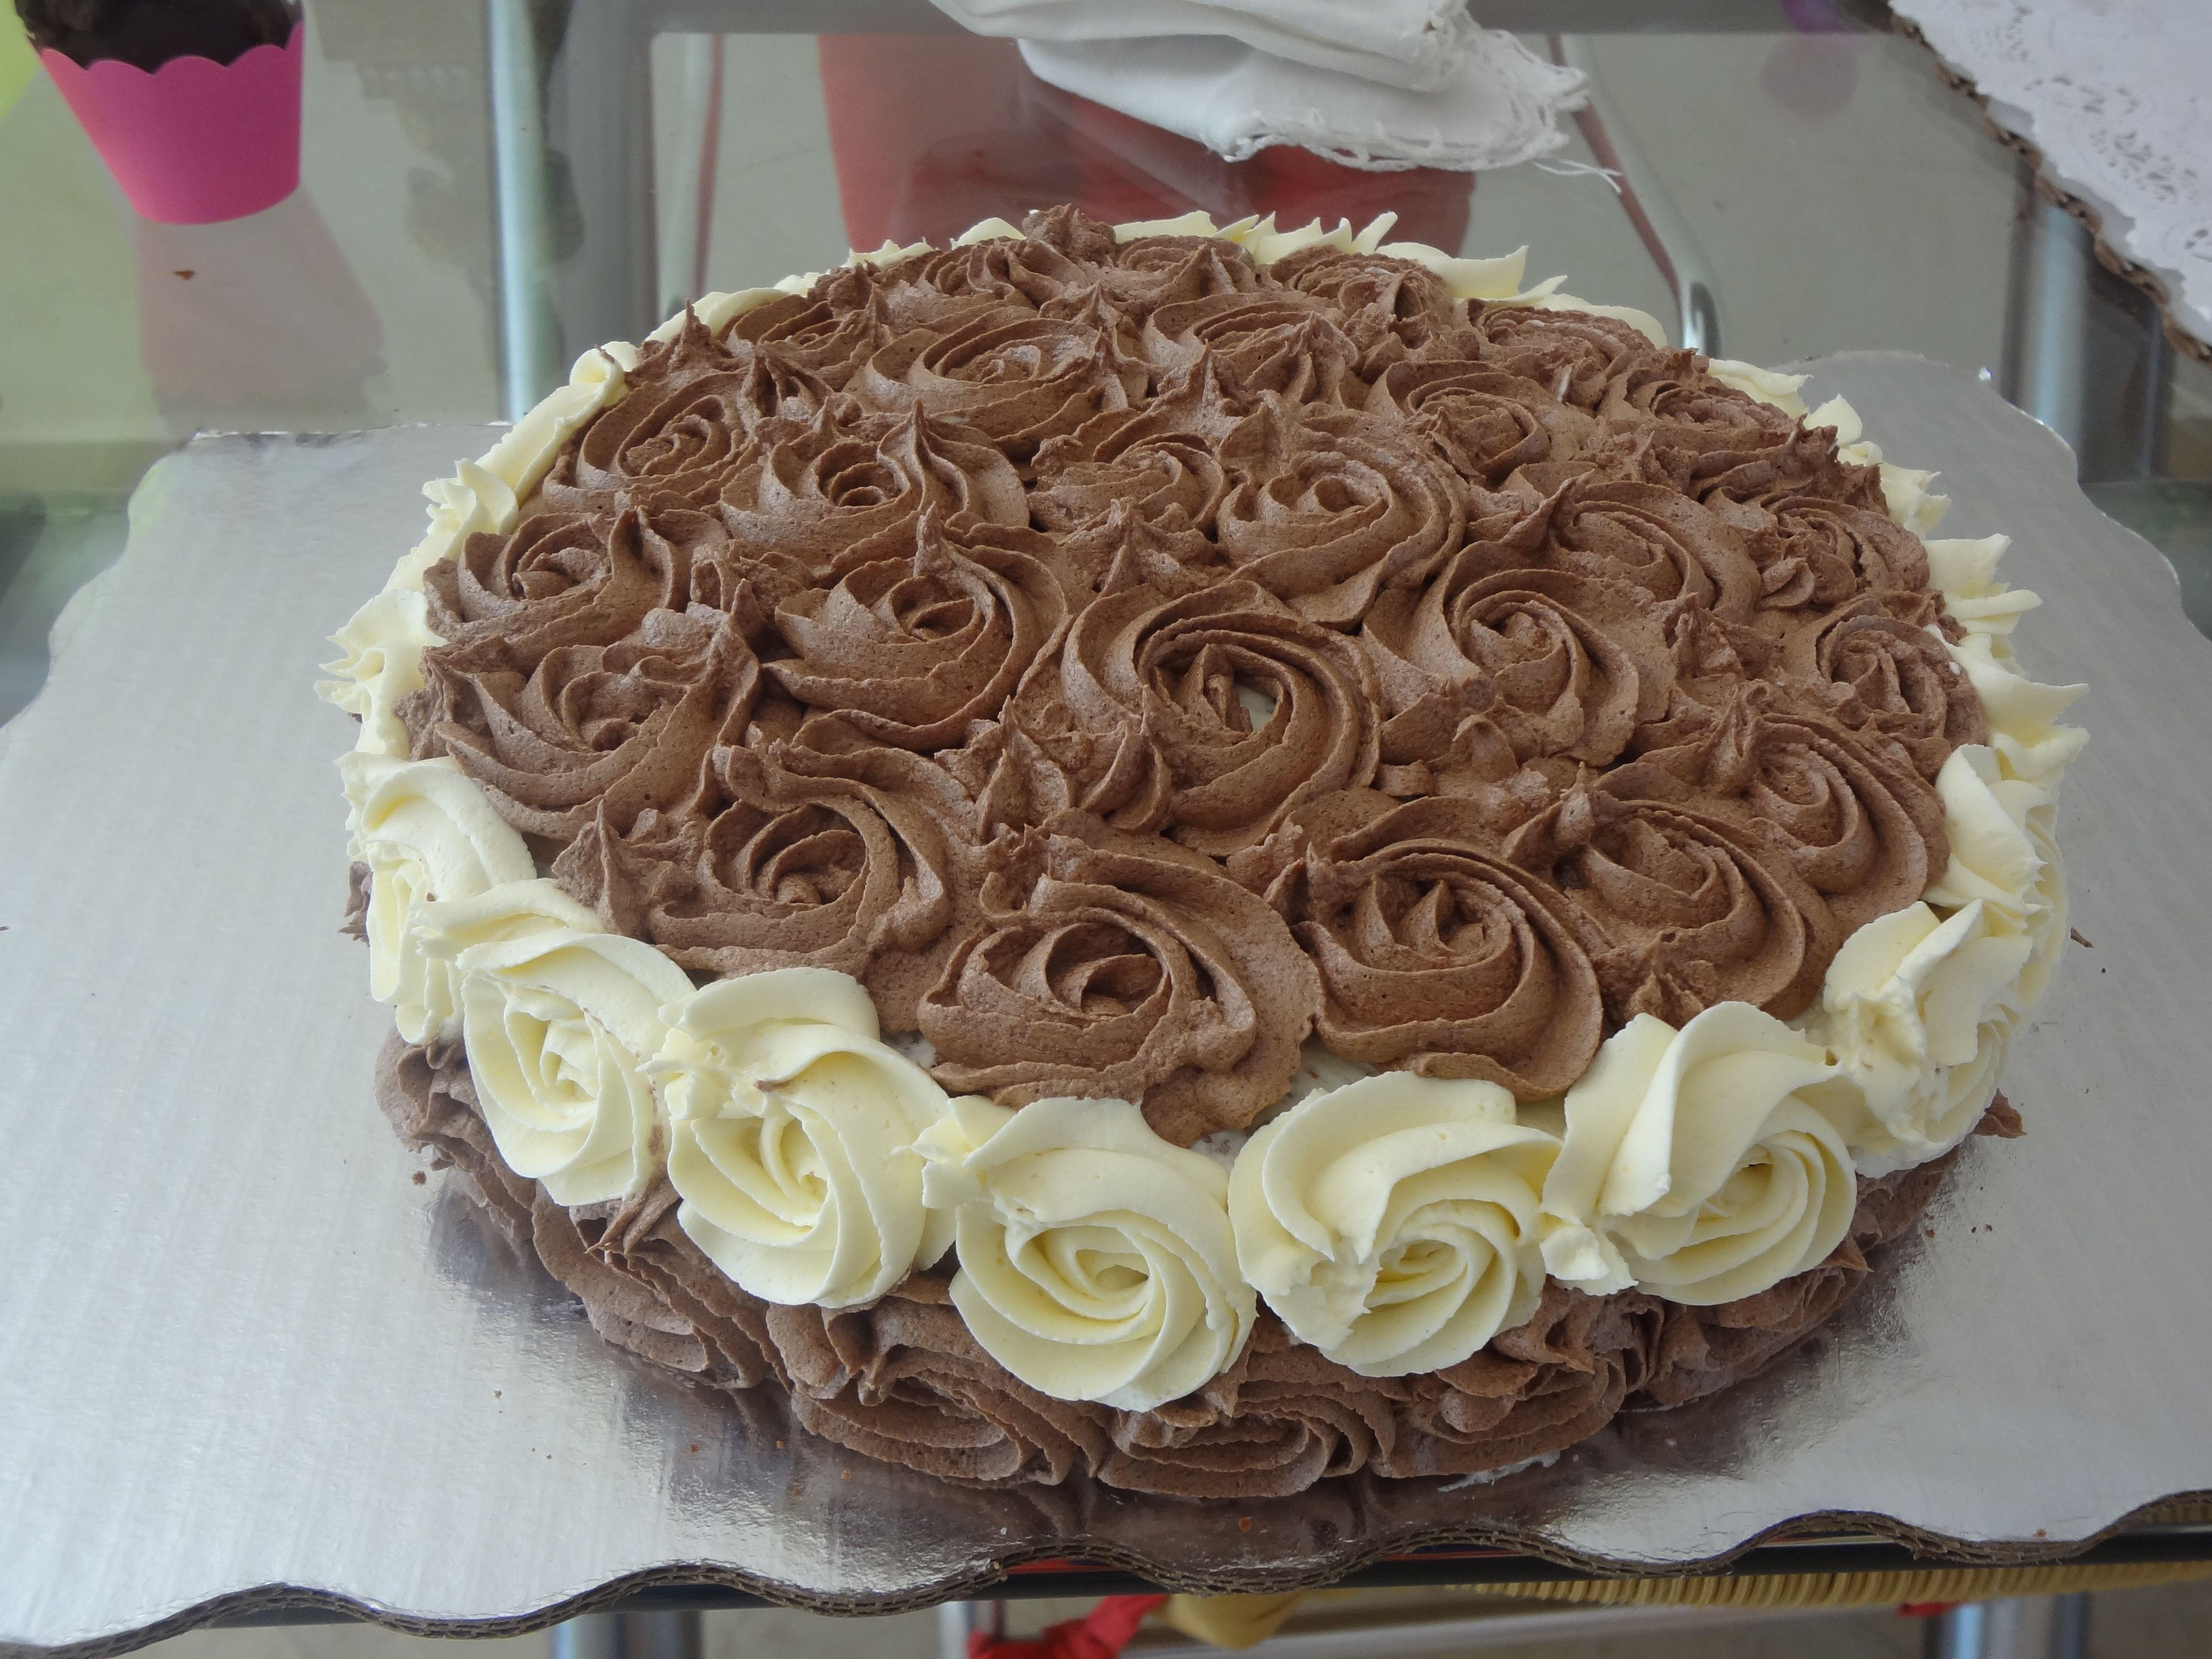 Pastel de chocolate decorado con rosas de mantequilla cumplea os pinterest pastel de - Decoracion con chocolate ...